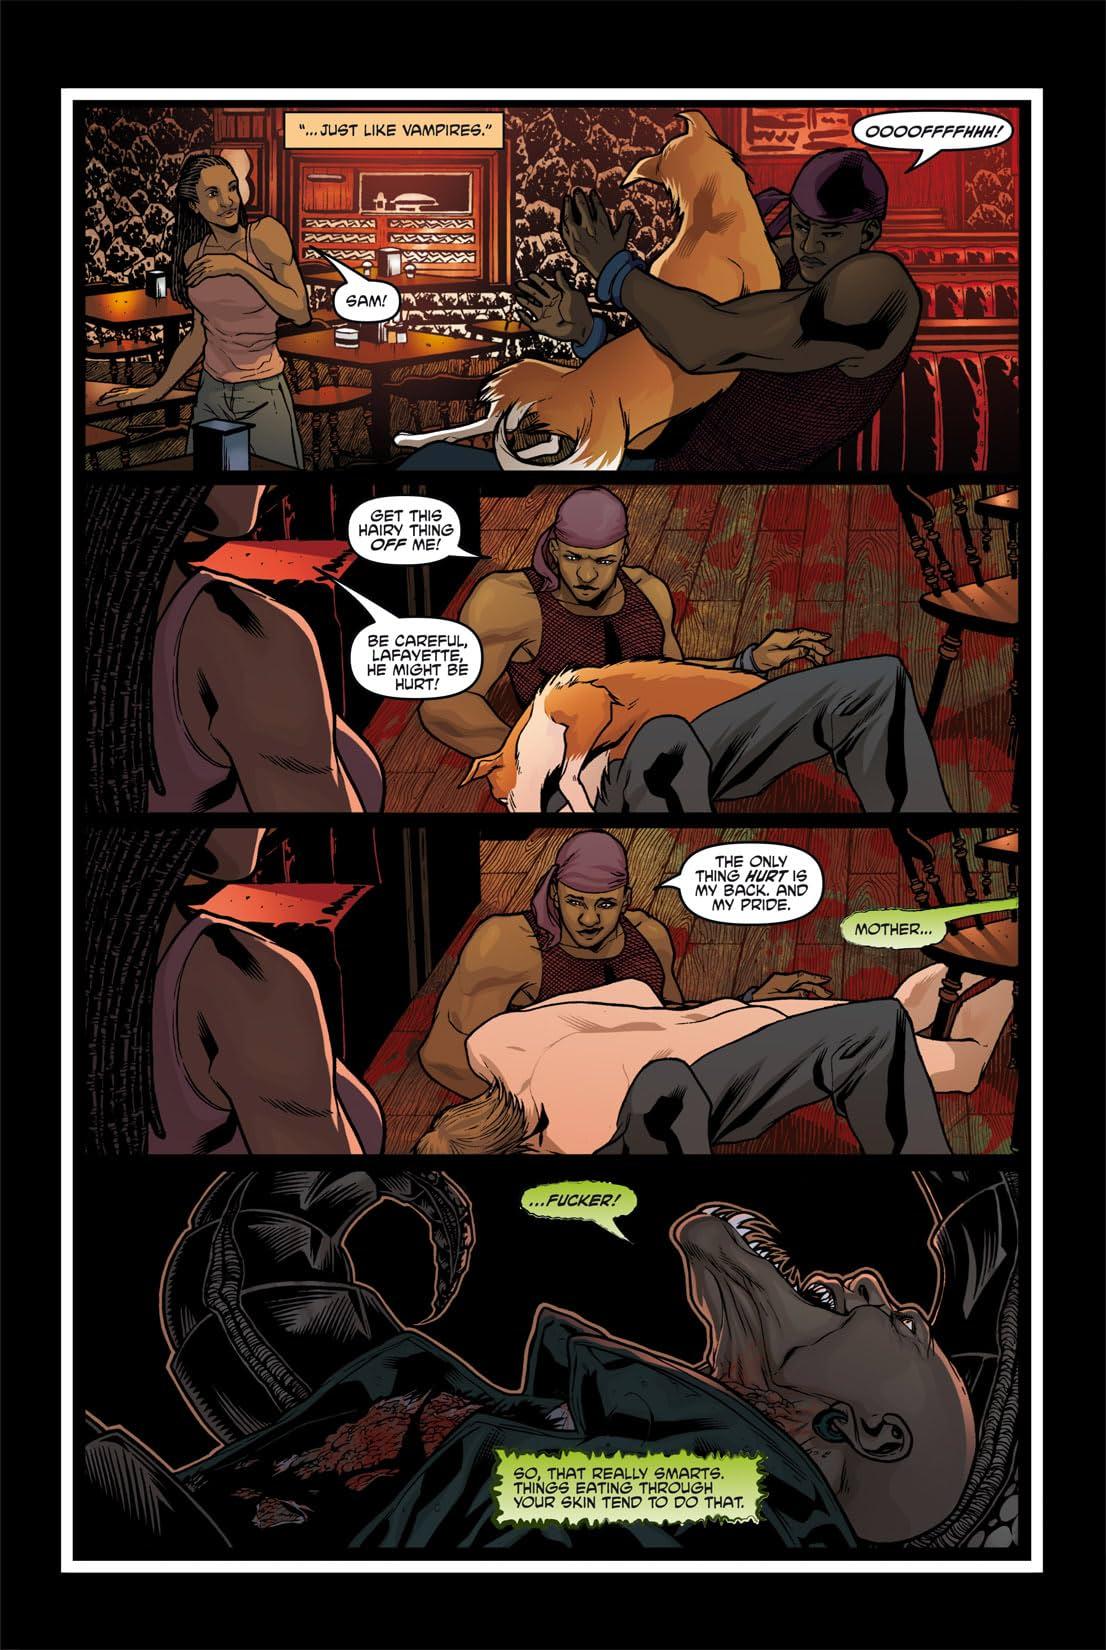 True Blood (2010) #4 (of 6)